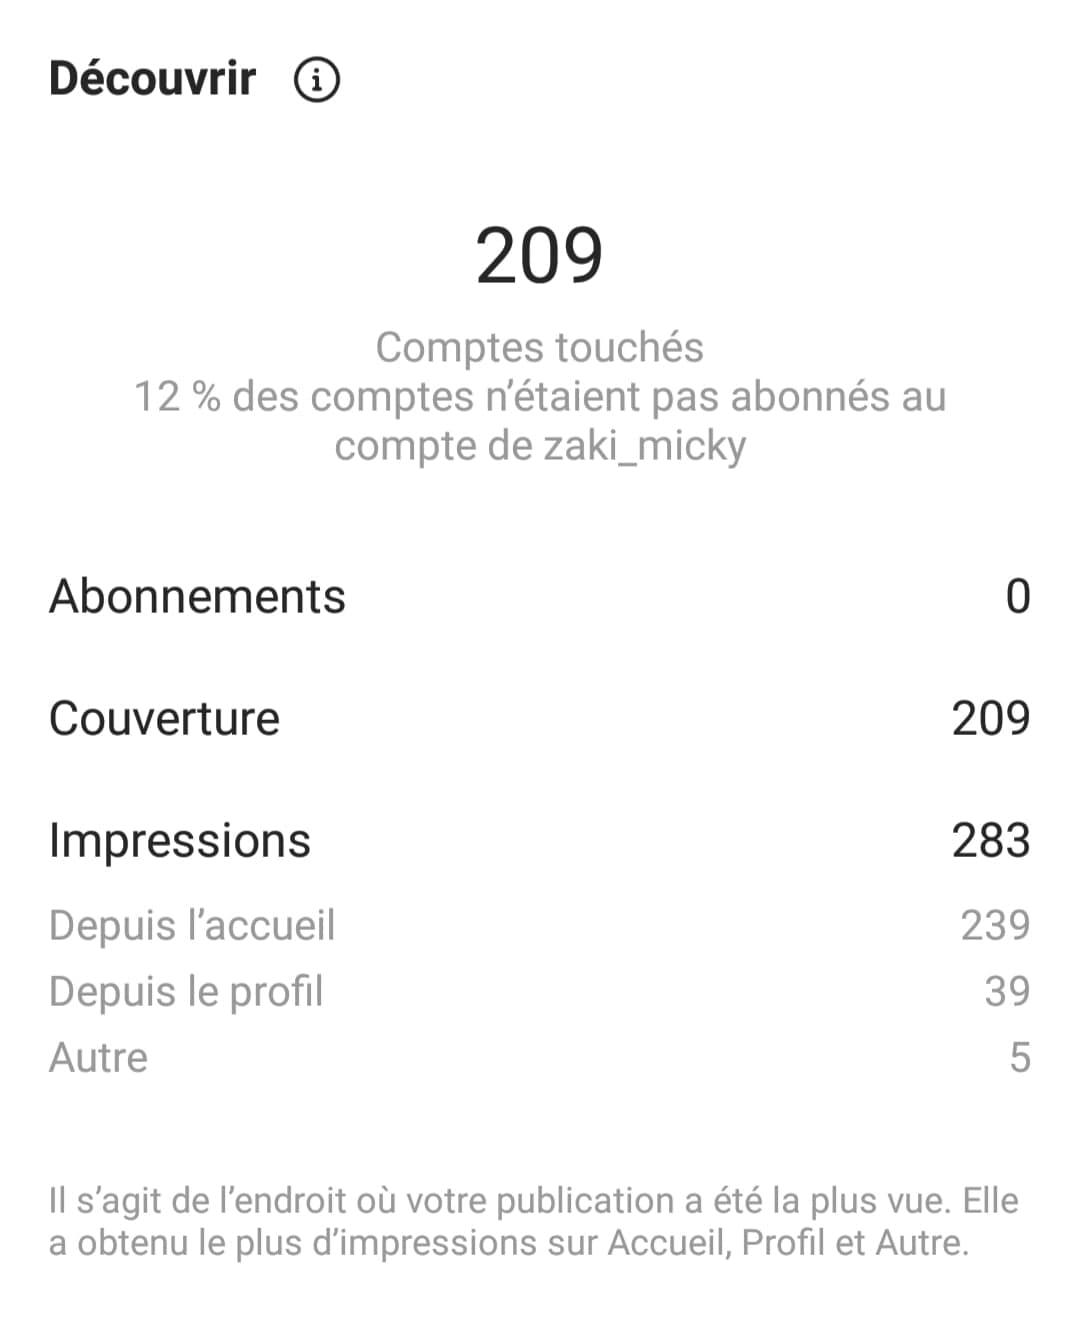 Nombre d'impressions, d'abonnements et de couverture